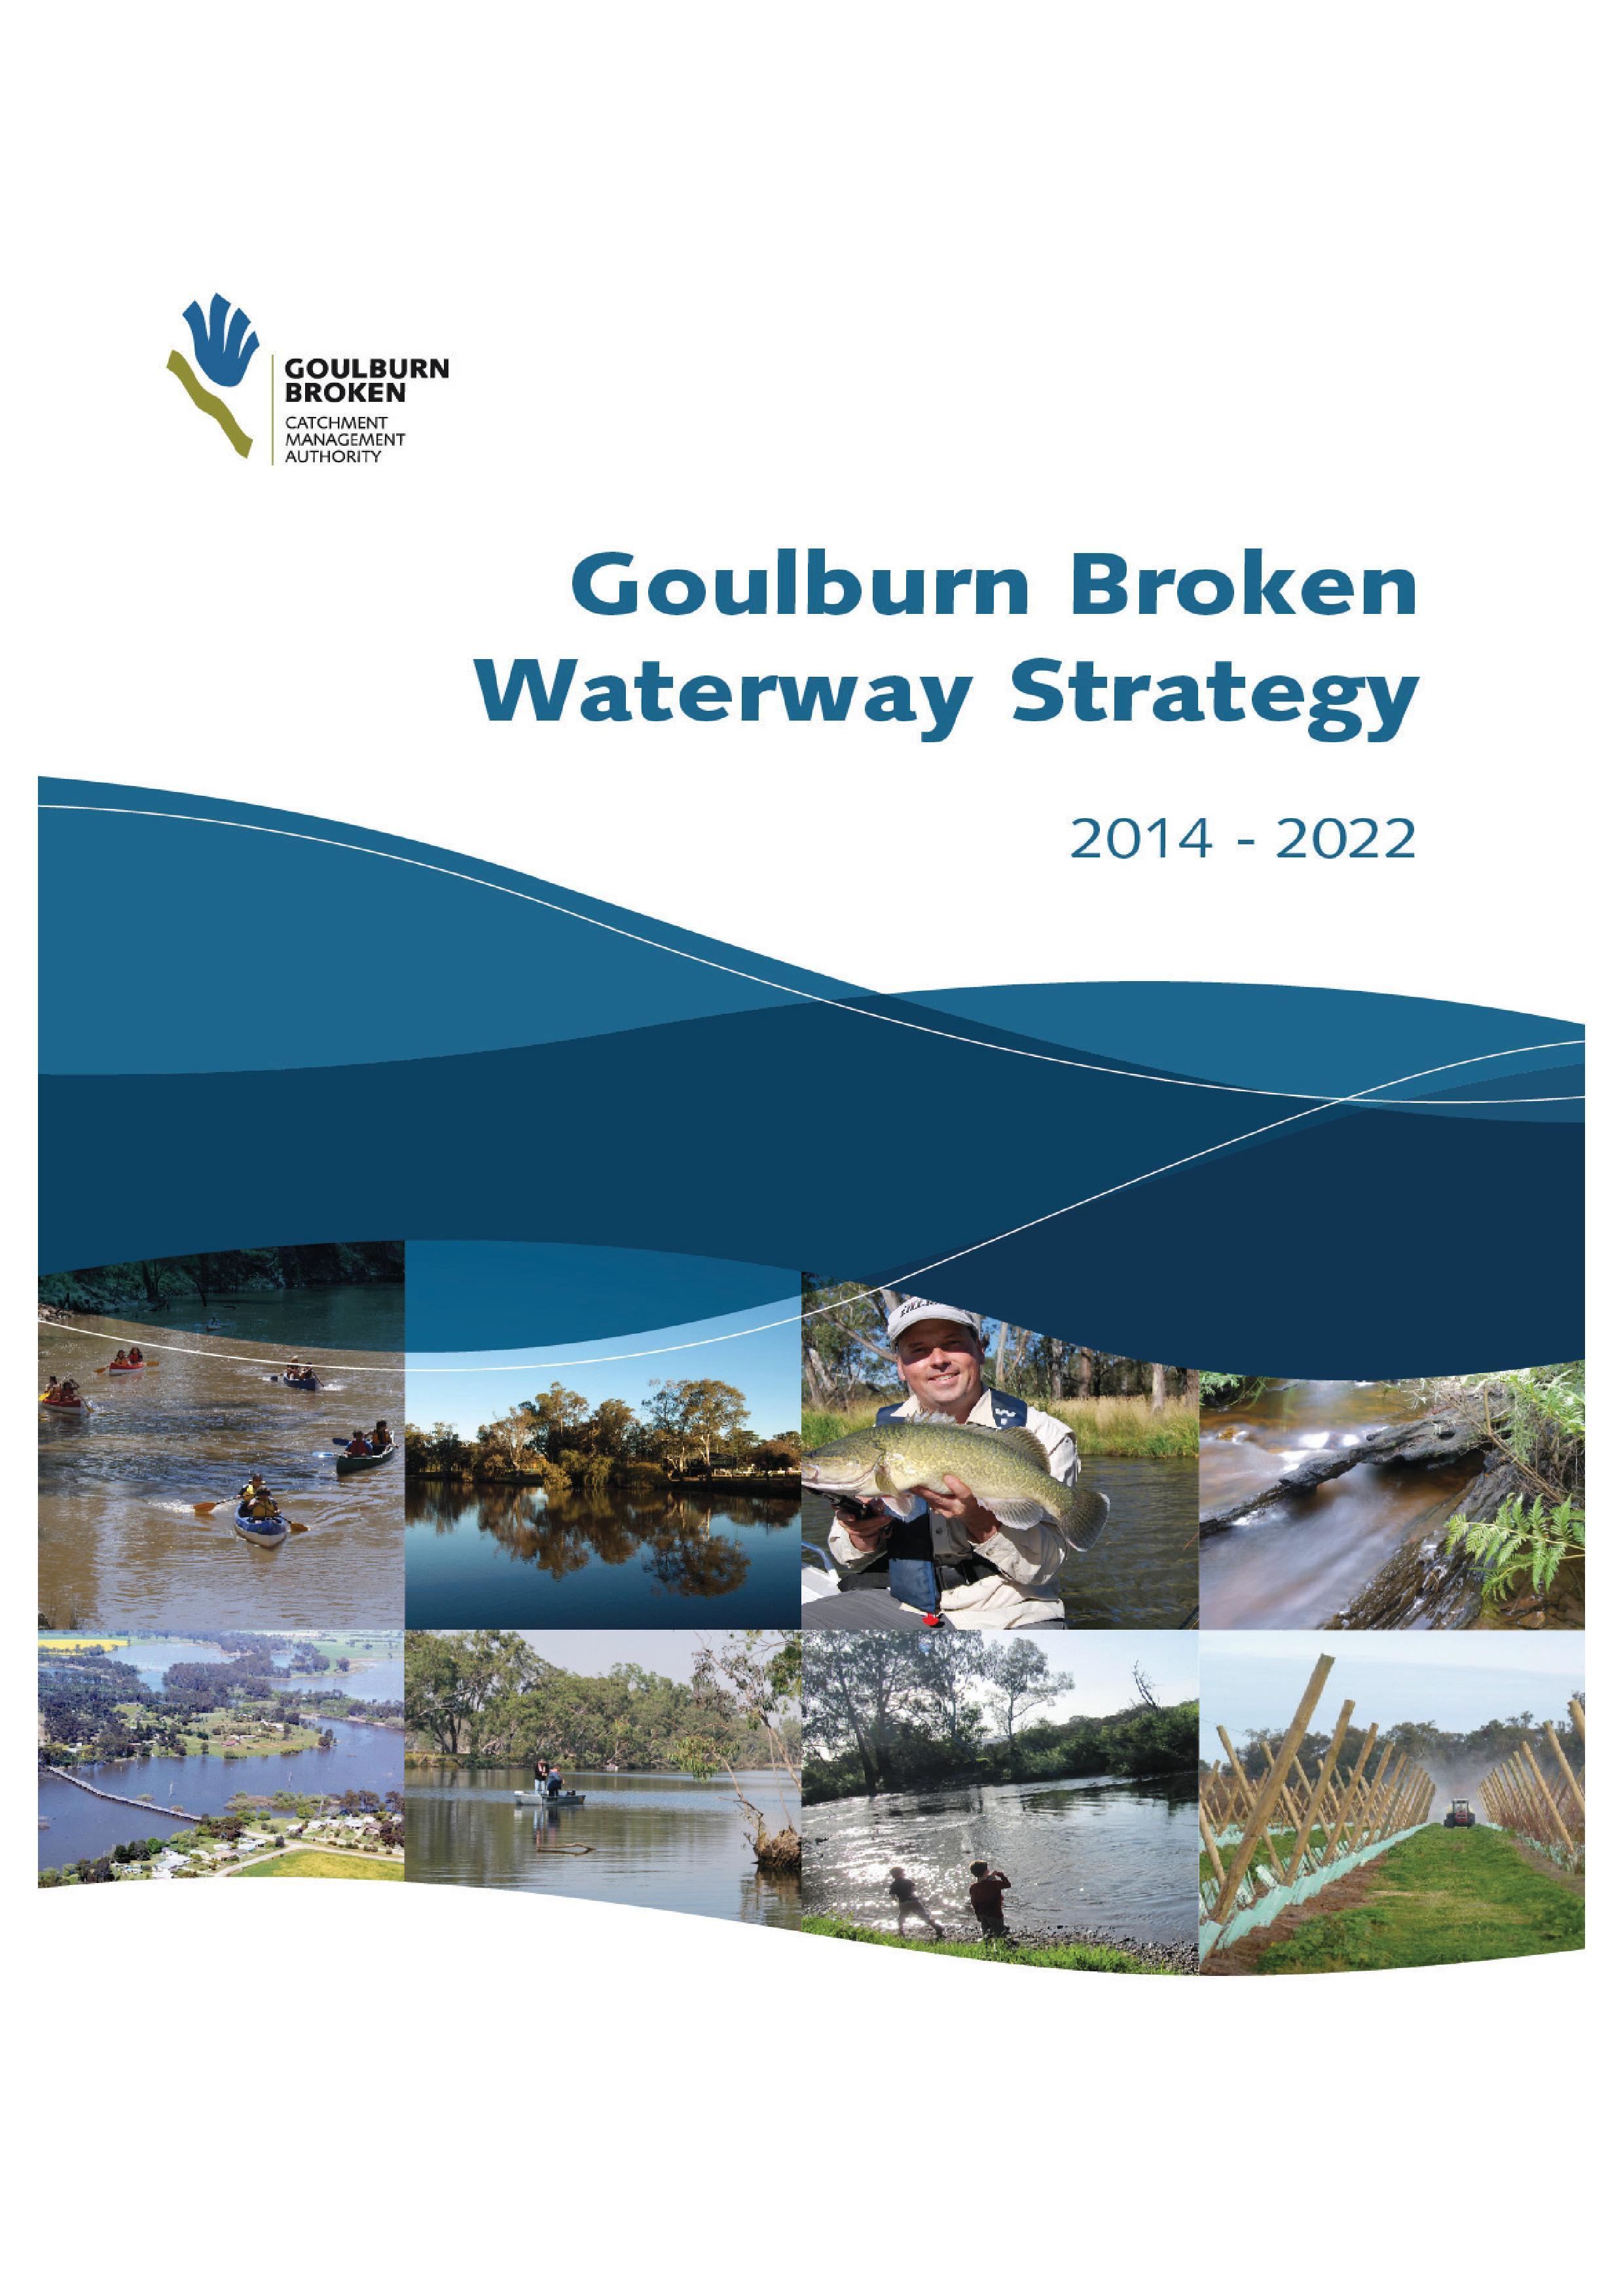 GBCMA_Waterway_Strategy_2014-2022.jpg